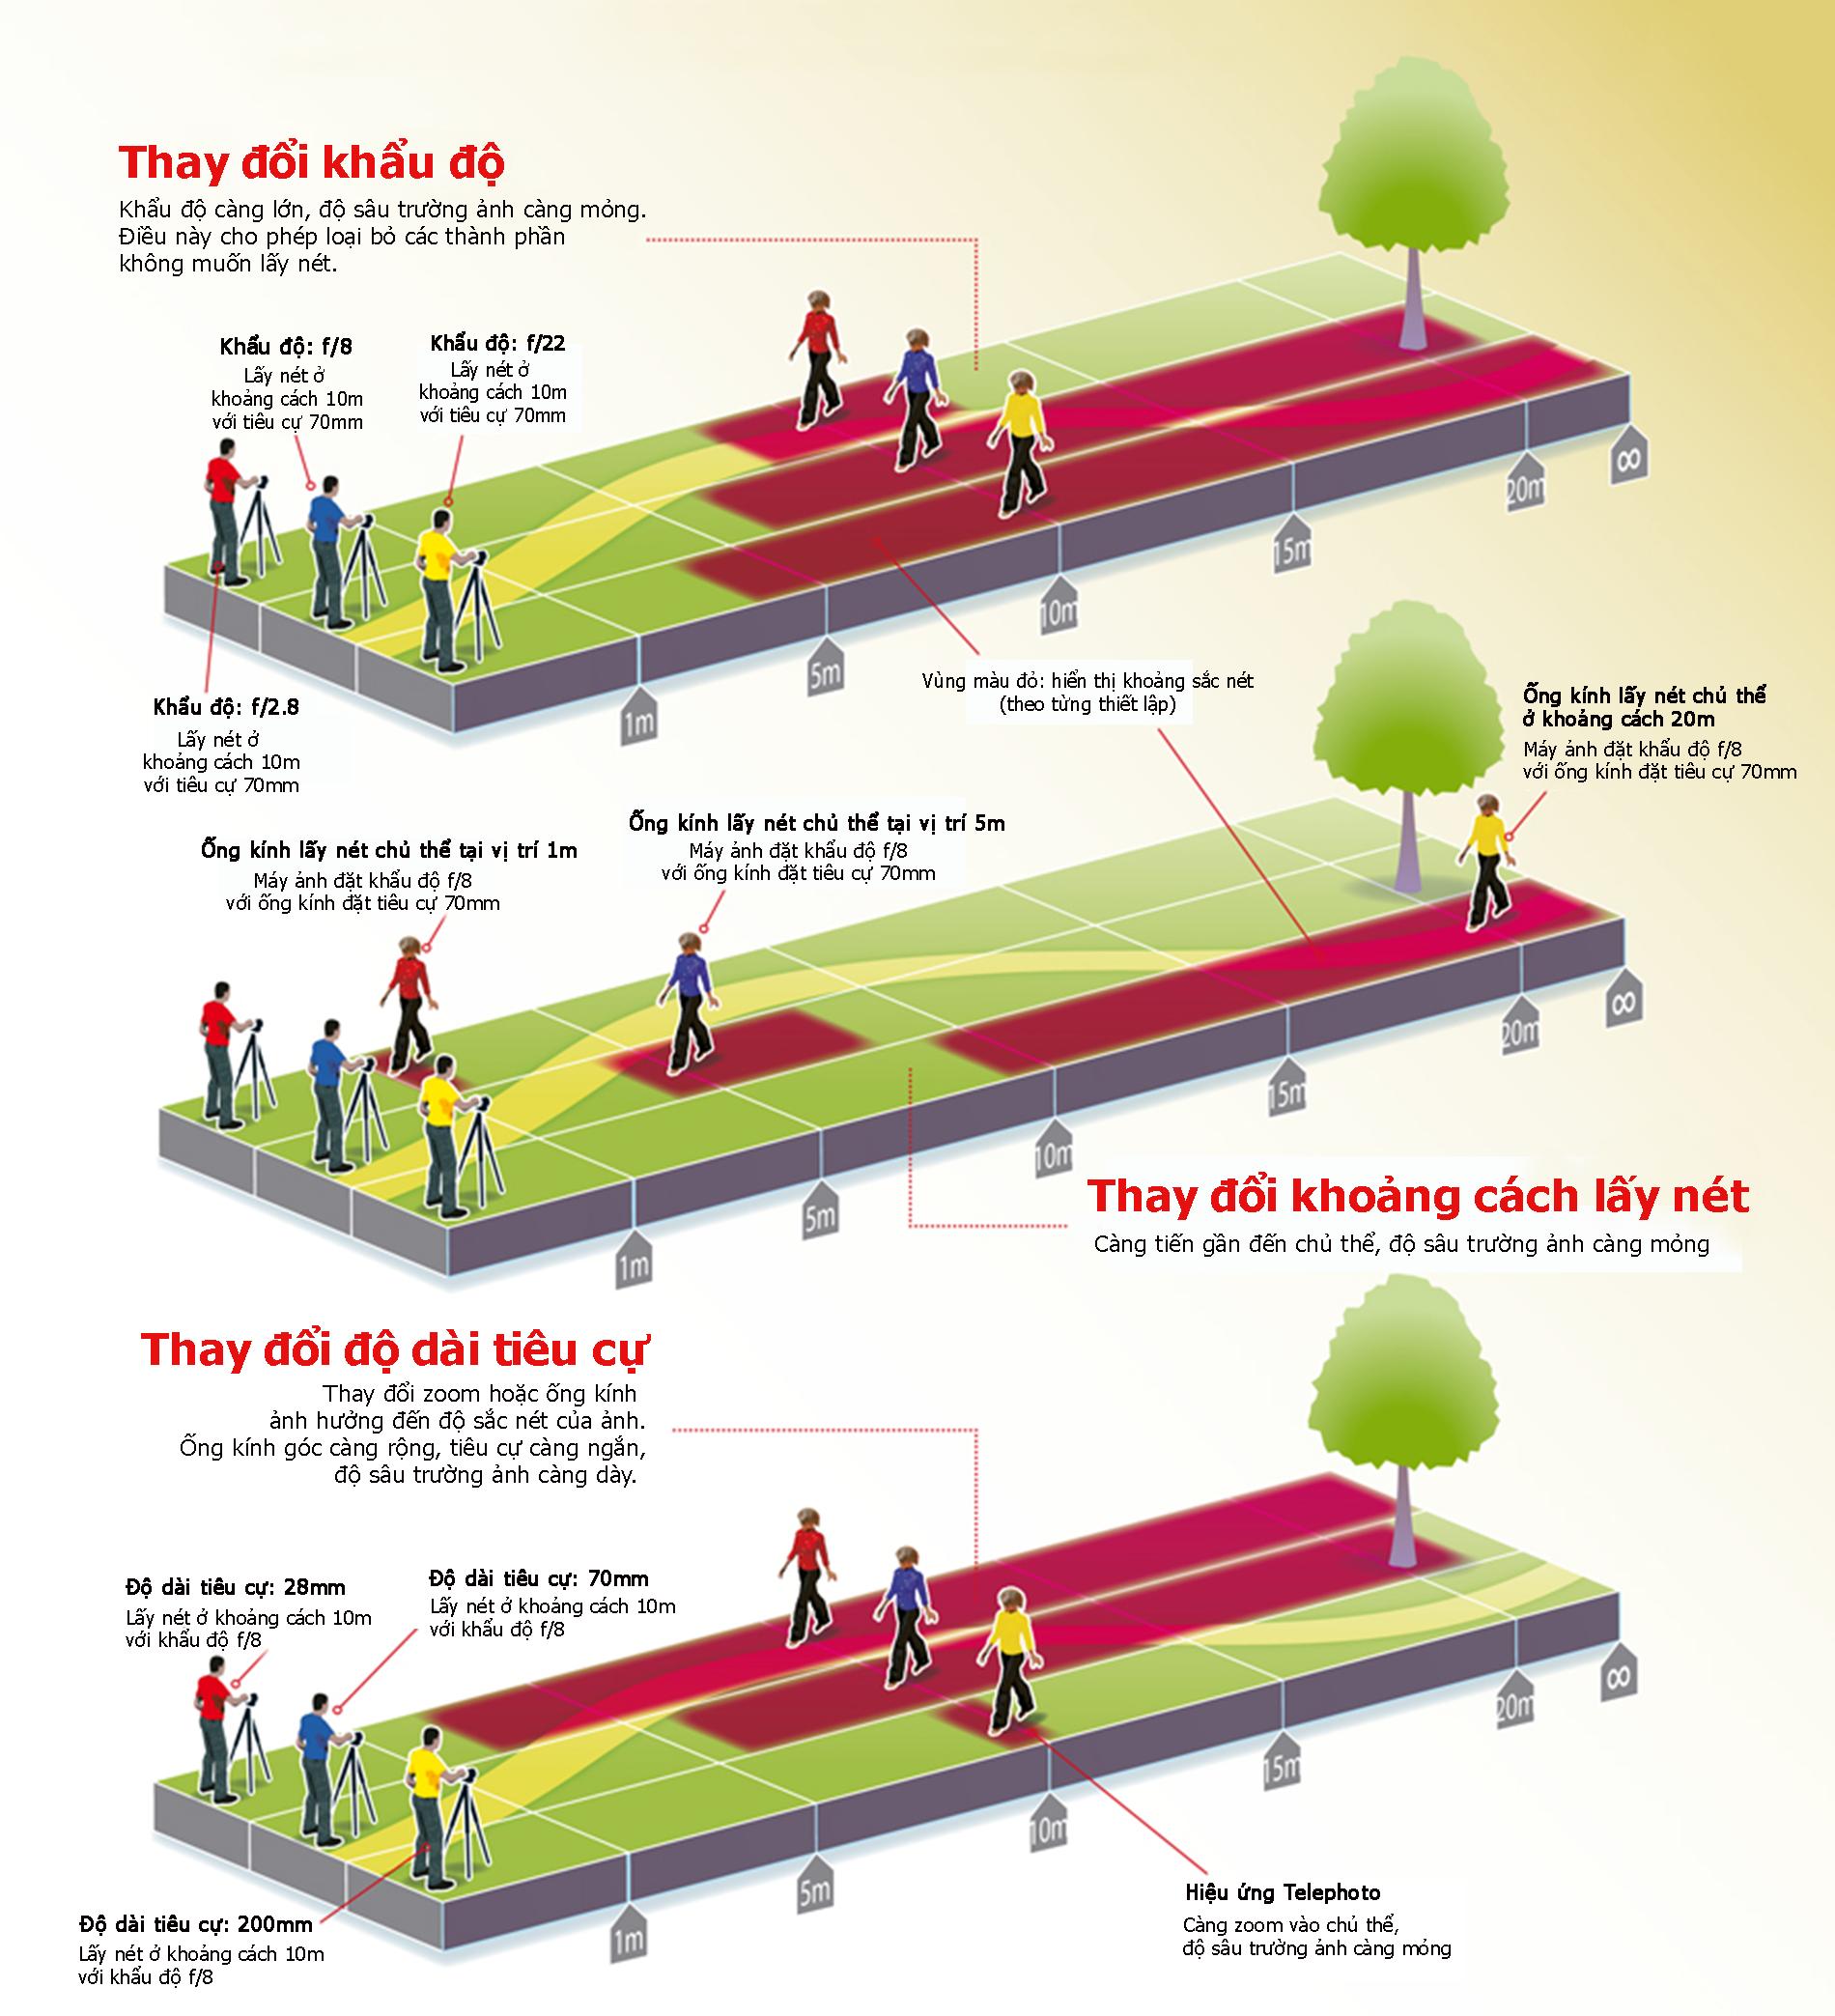 3 yếu tố ảnh hưởng đến độ sâu trường ảnh